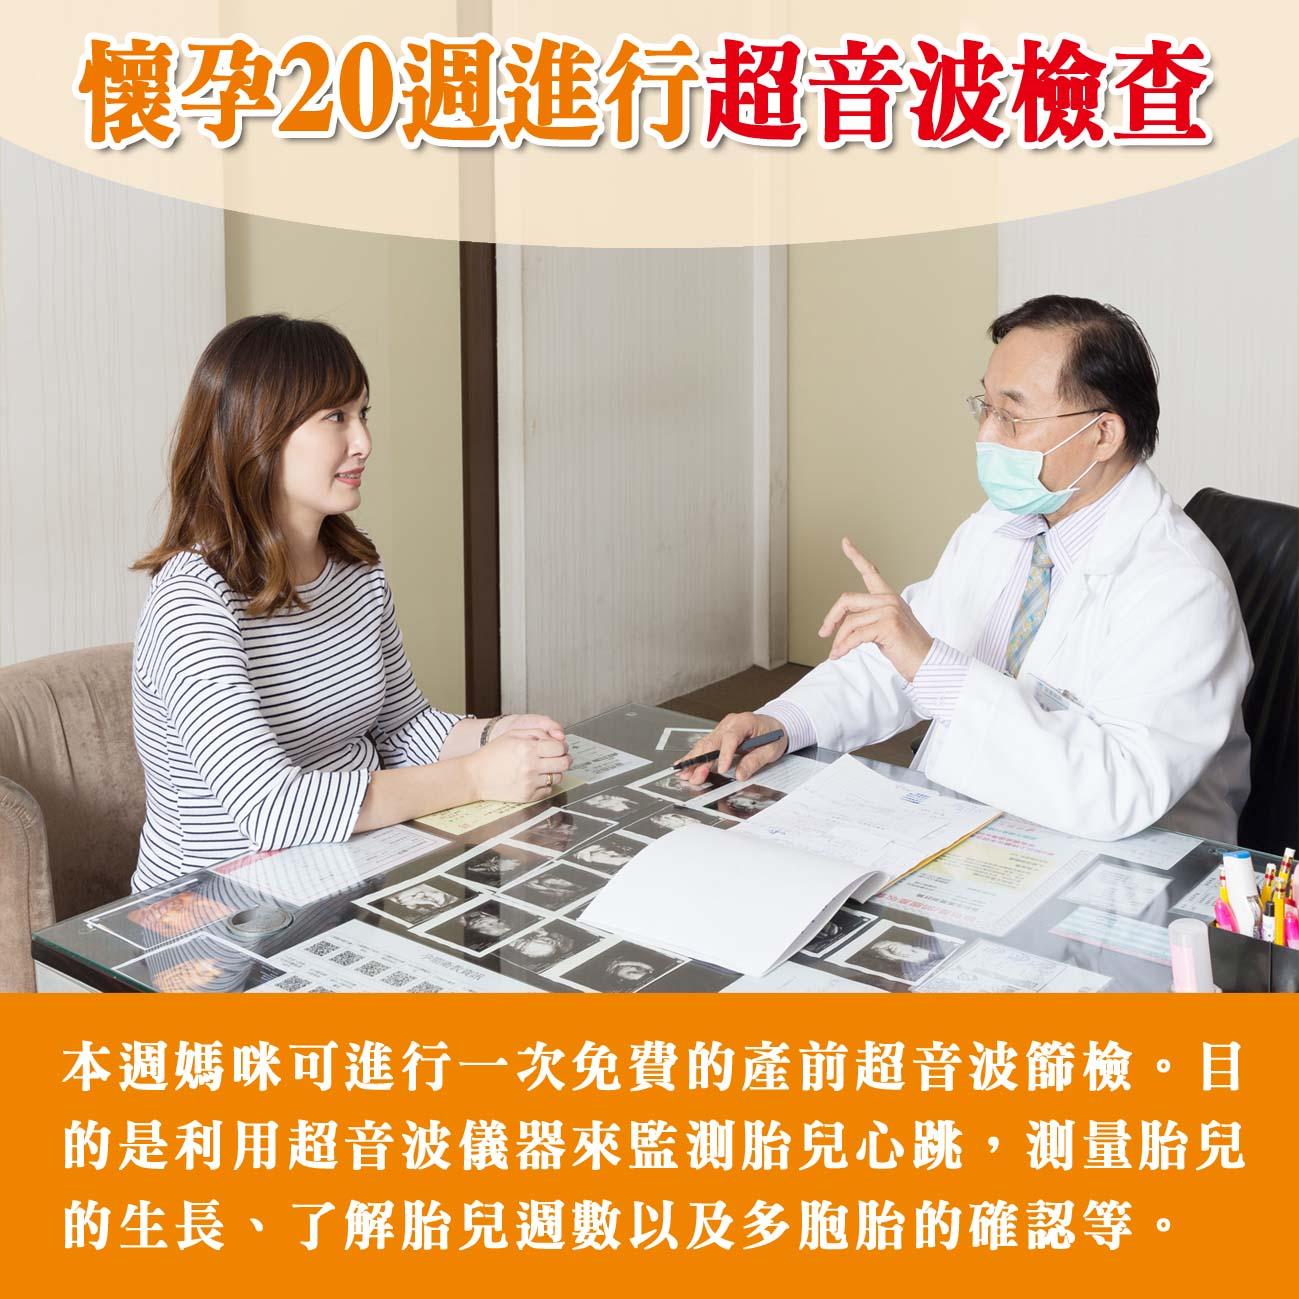 孕期第20週-懷孕20週進行超音波檢查